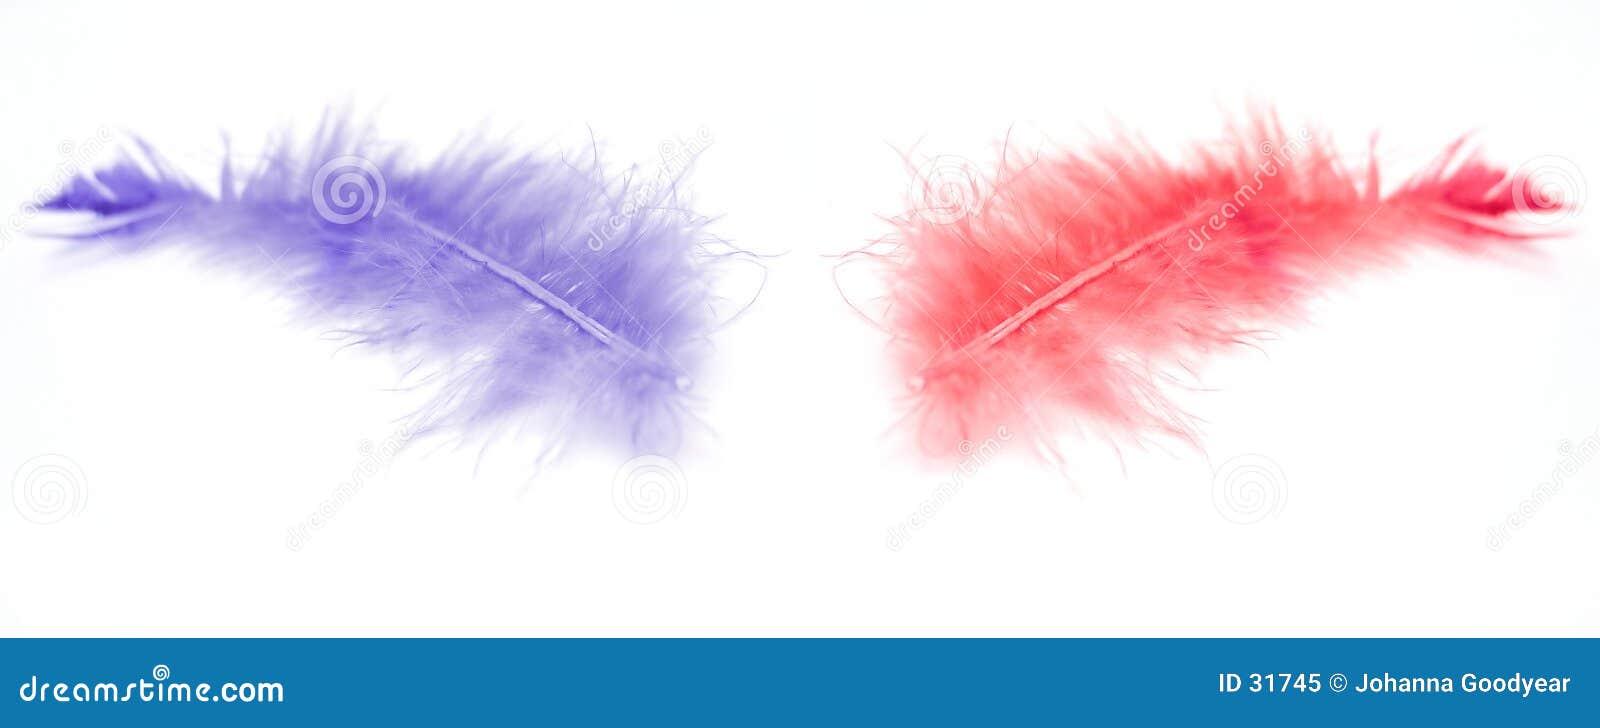 Zwei Federn